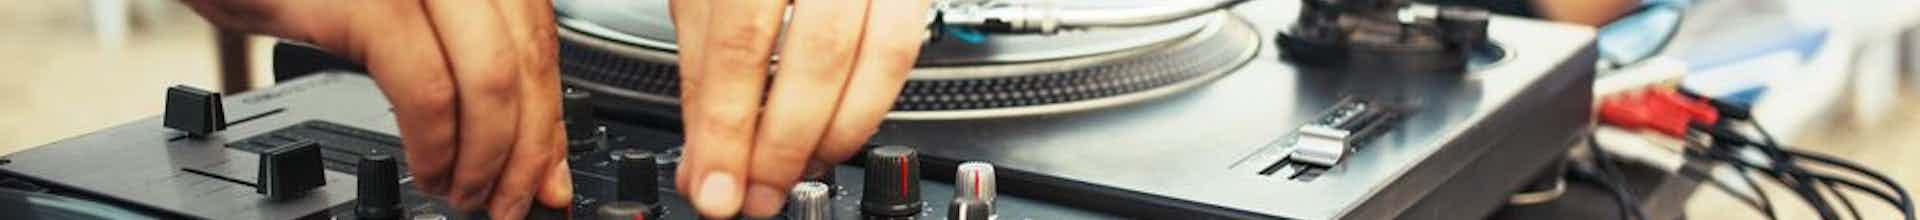 dj-mixer-draaitafel-strandfeest-2